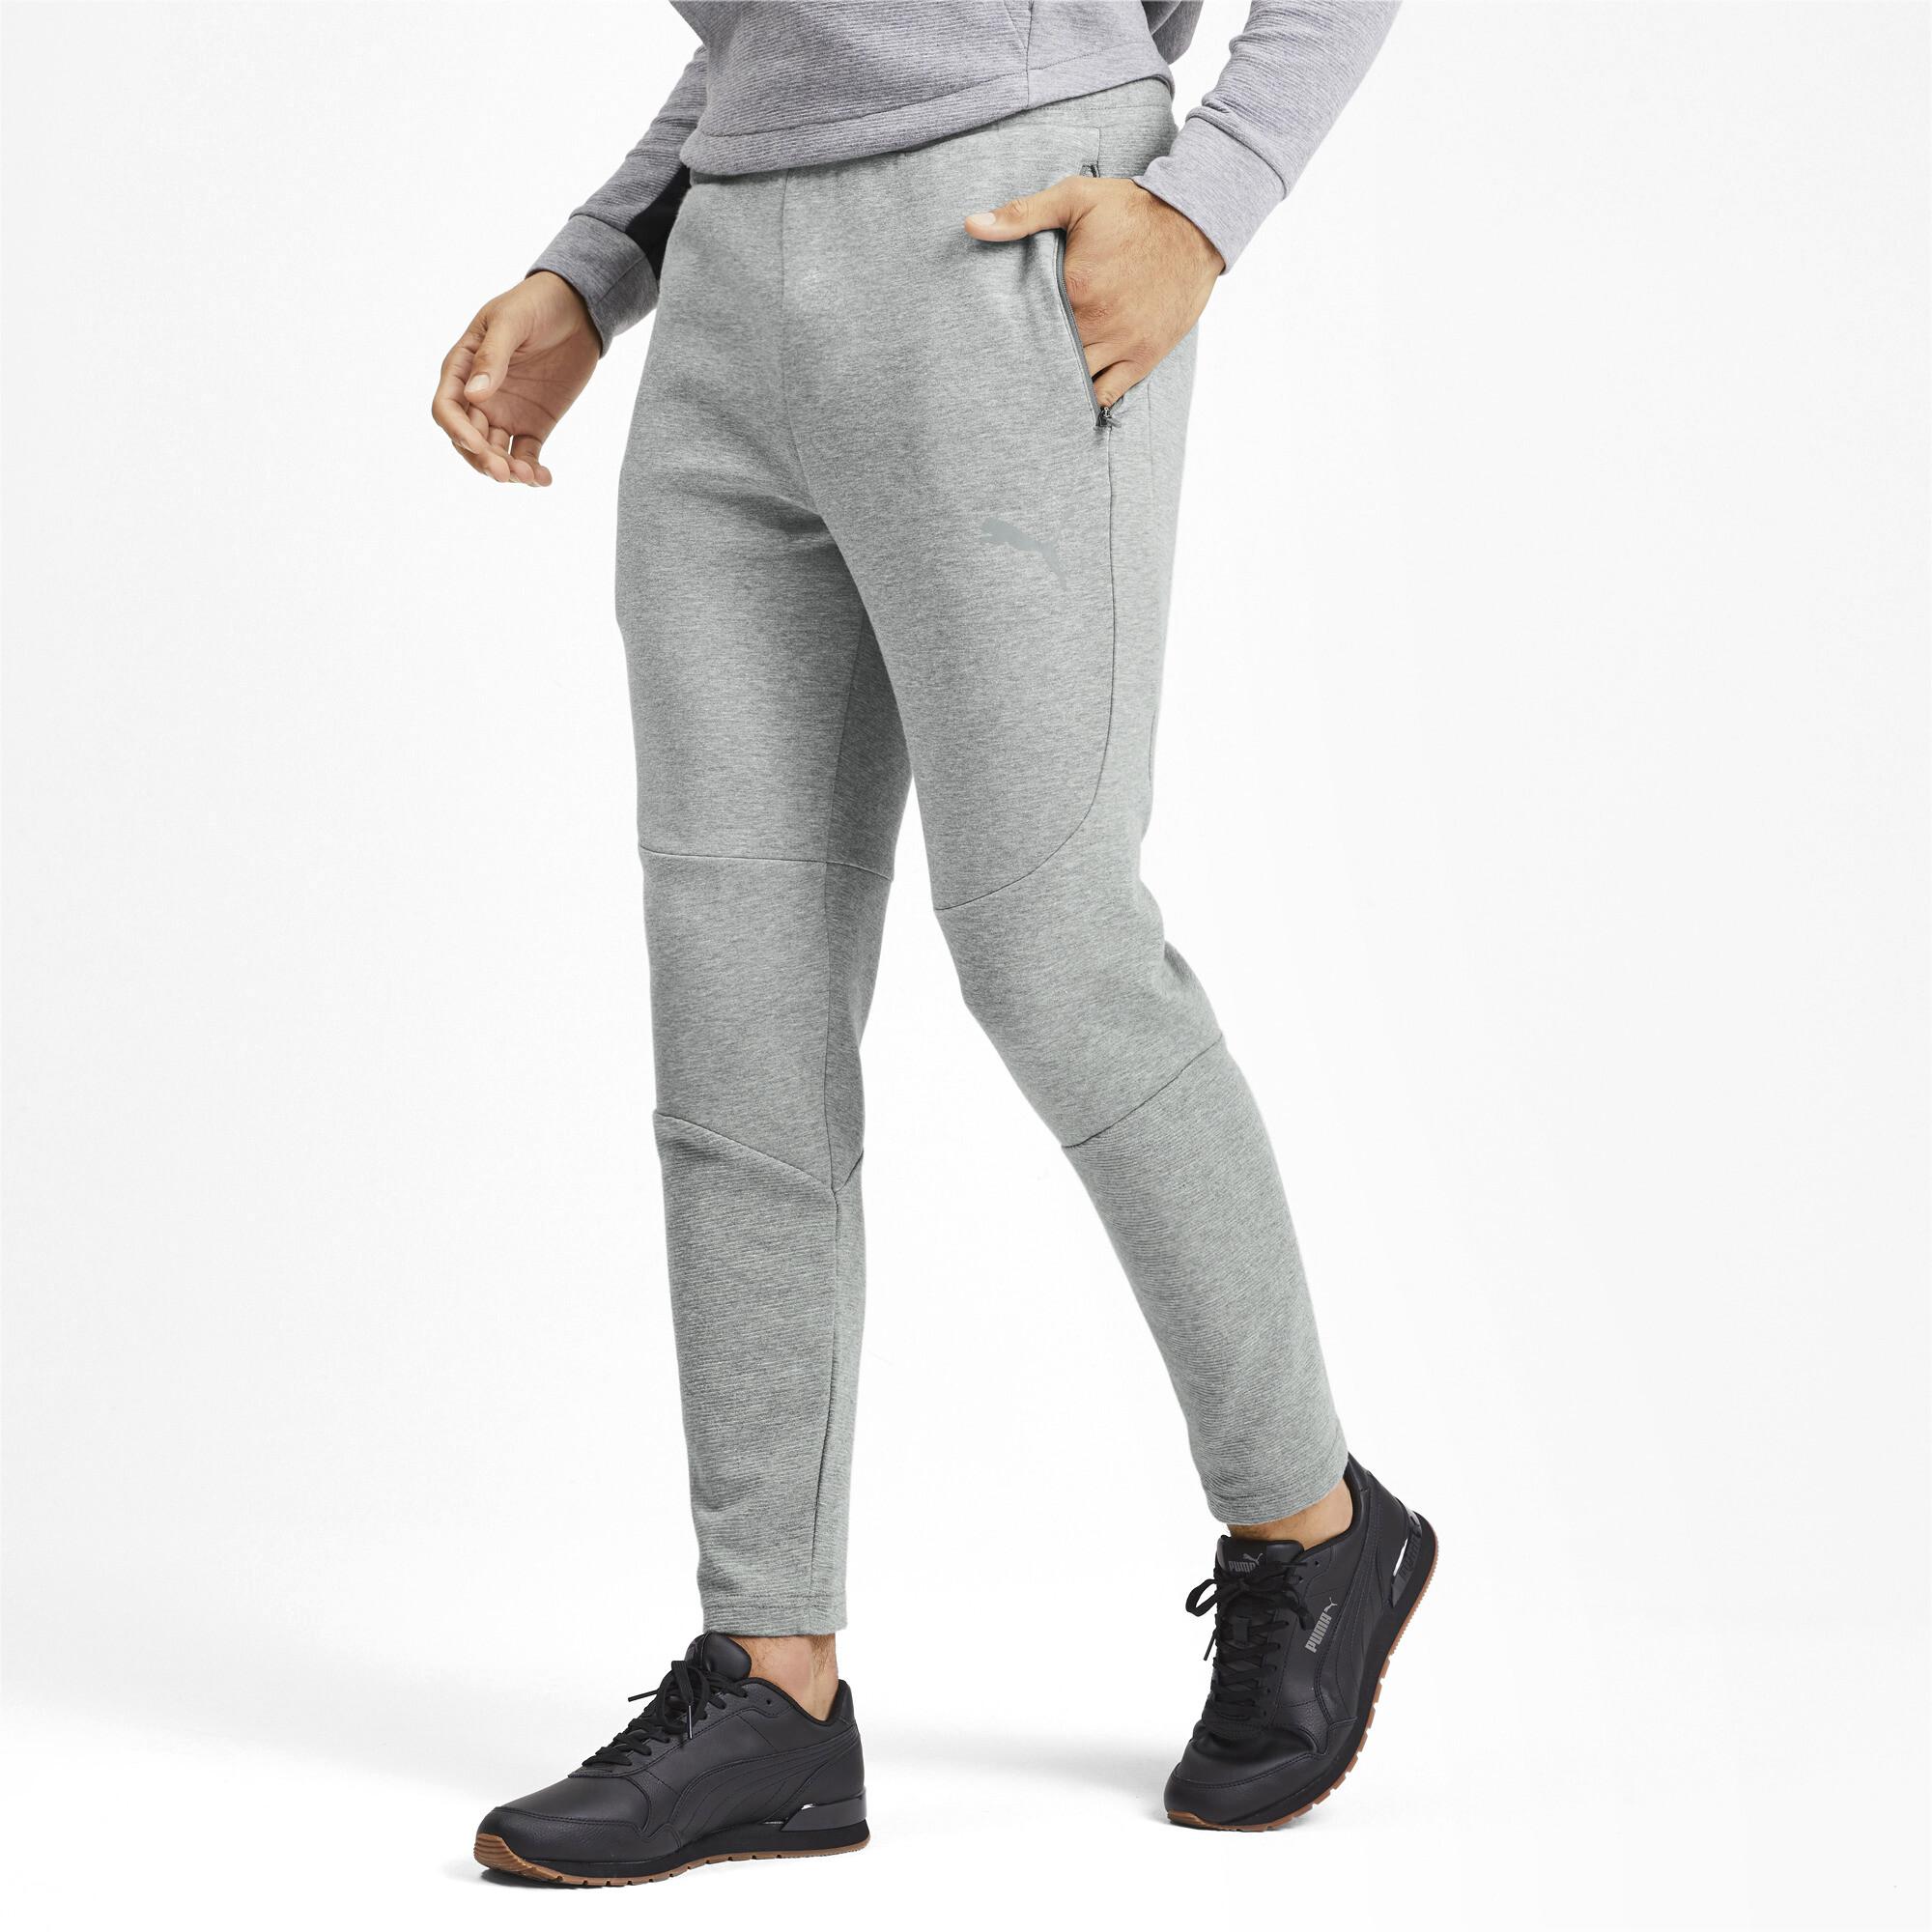 PUMA-Evostripe-Men-039-s-Pants-Men-Knitted-Pants-Basics thumbnail 4